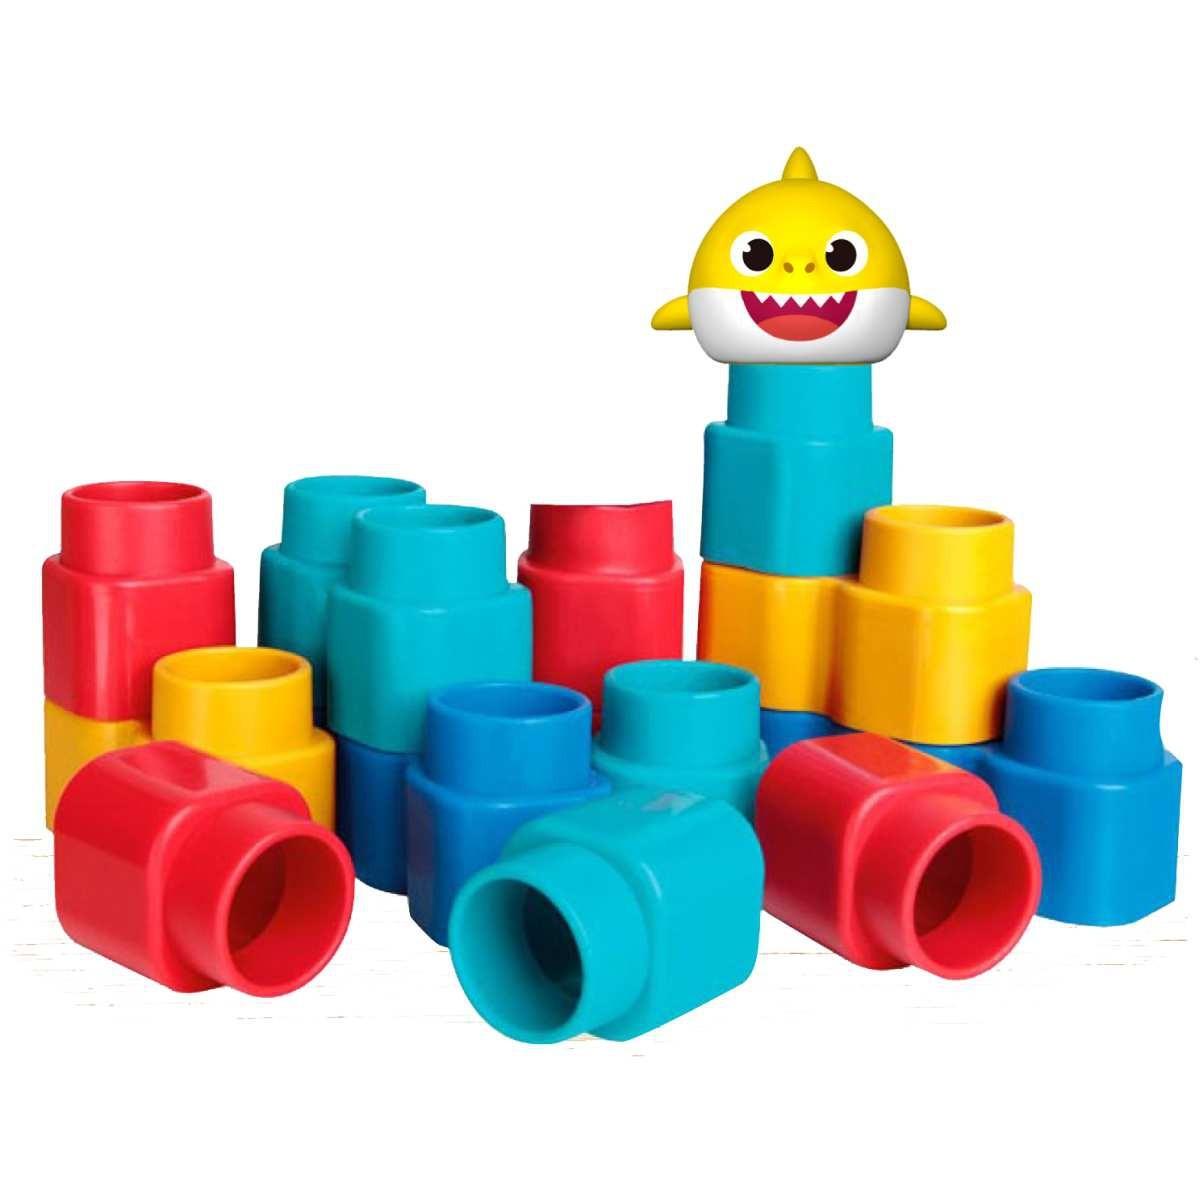 Brinquedo Blocos de Montar Baby Shark Blocos Fofinhos Elka